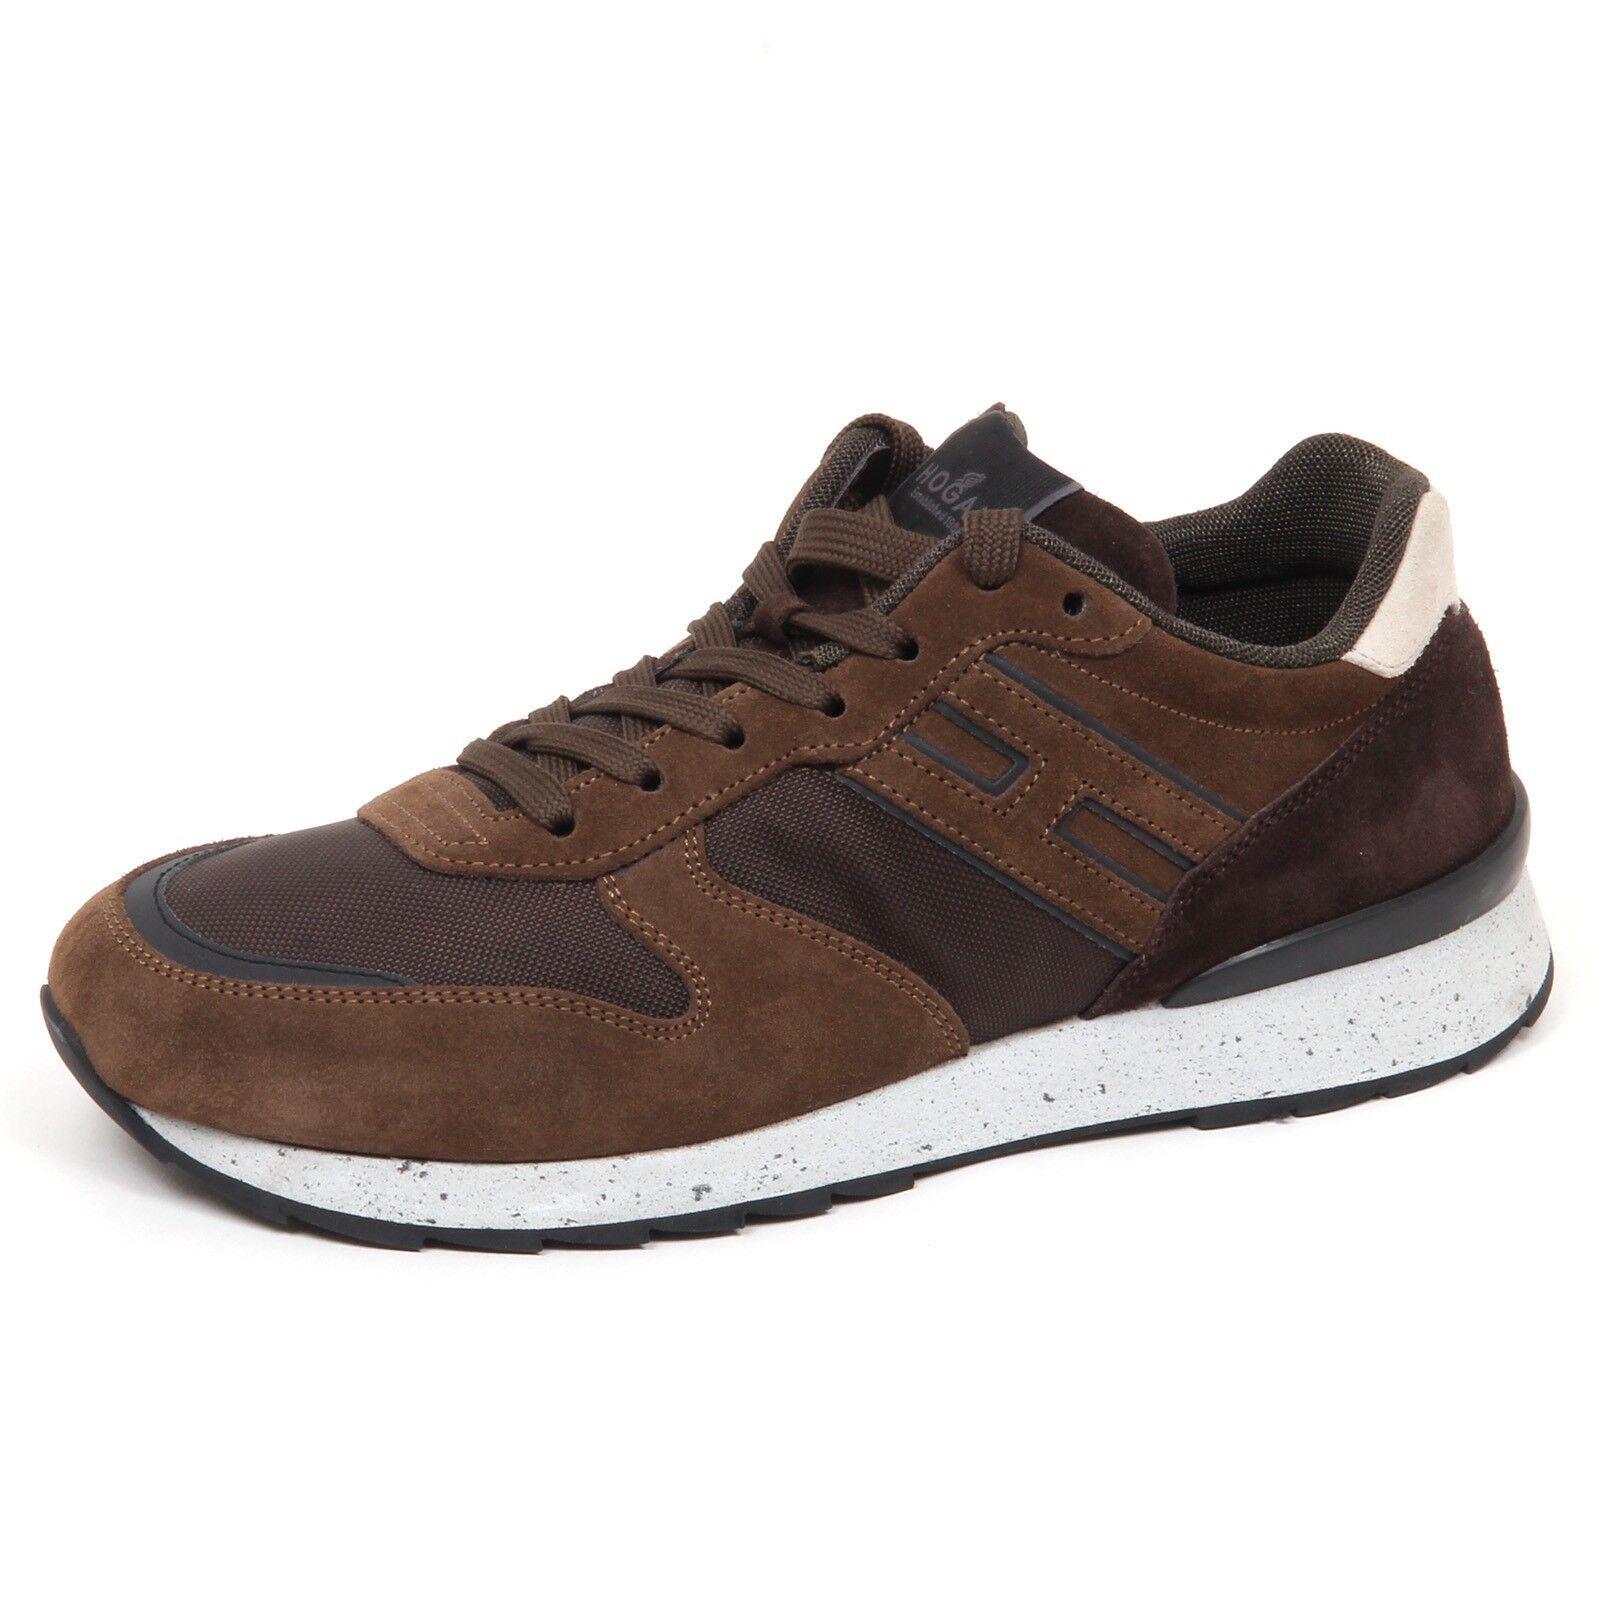 E0620 zapatilla de deporte hombres Marrón HOGAN R261 Zapato hombre